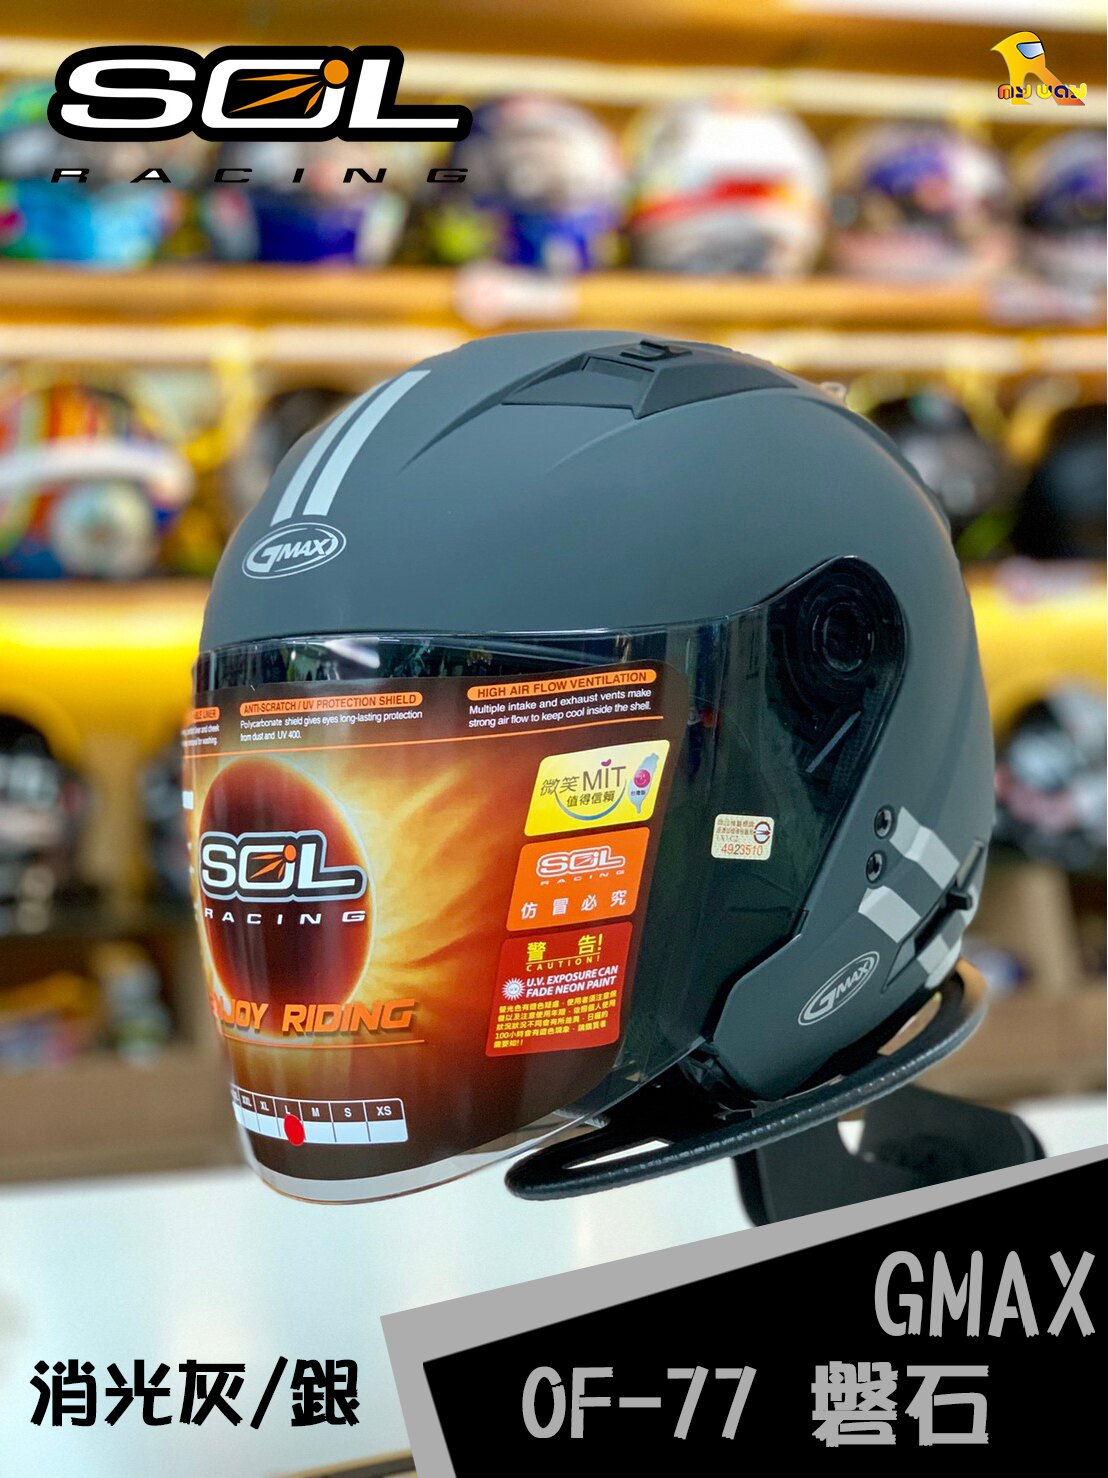 任我行騎士部品 SOL GMAX OF-77 磐石 半罩 3/4 安全帽 內墨片 內襯可拆 抗UV DOT 消光黑銀